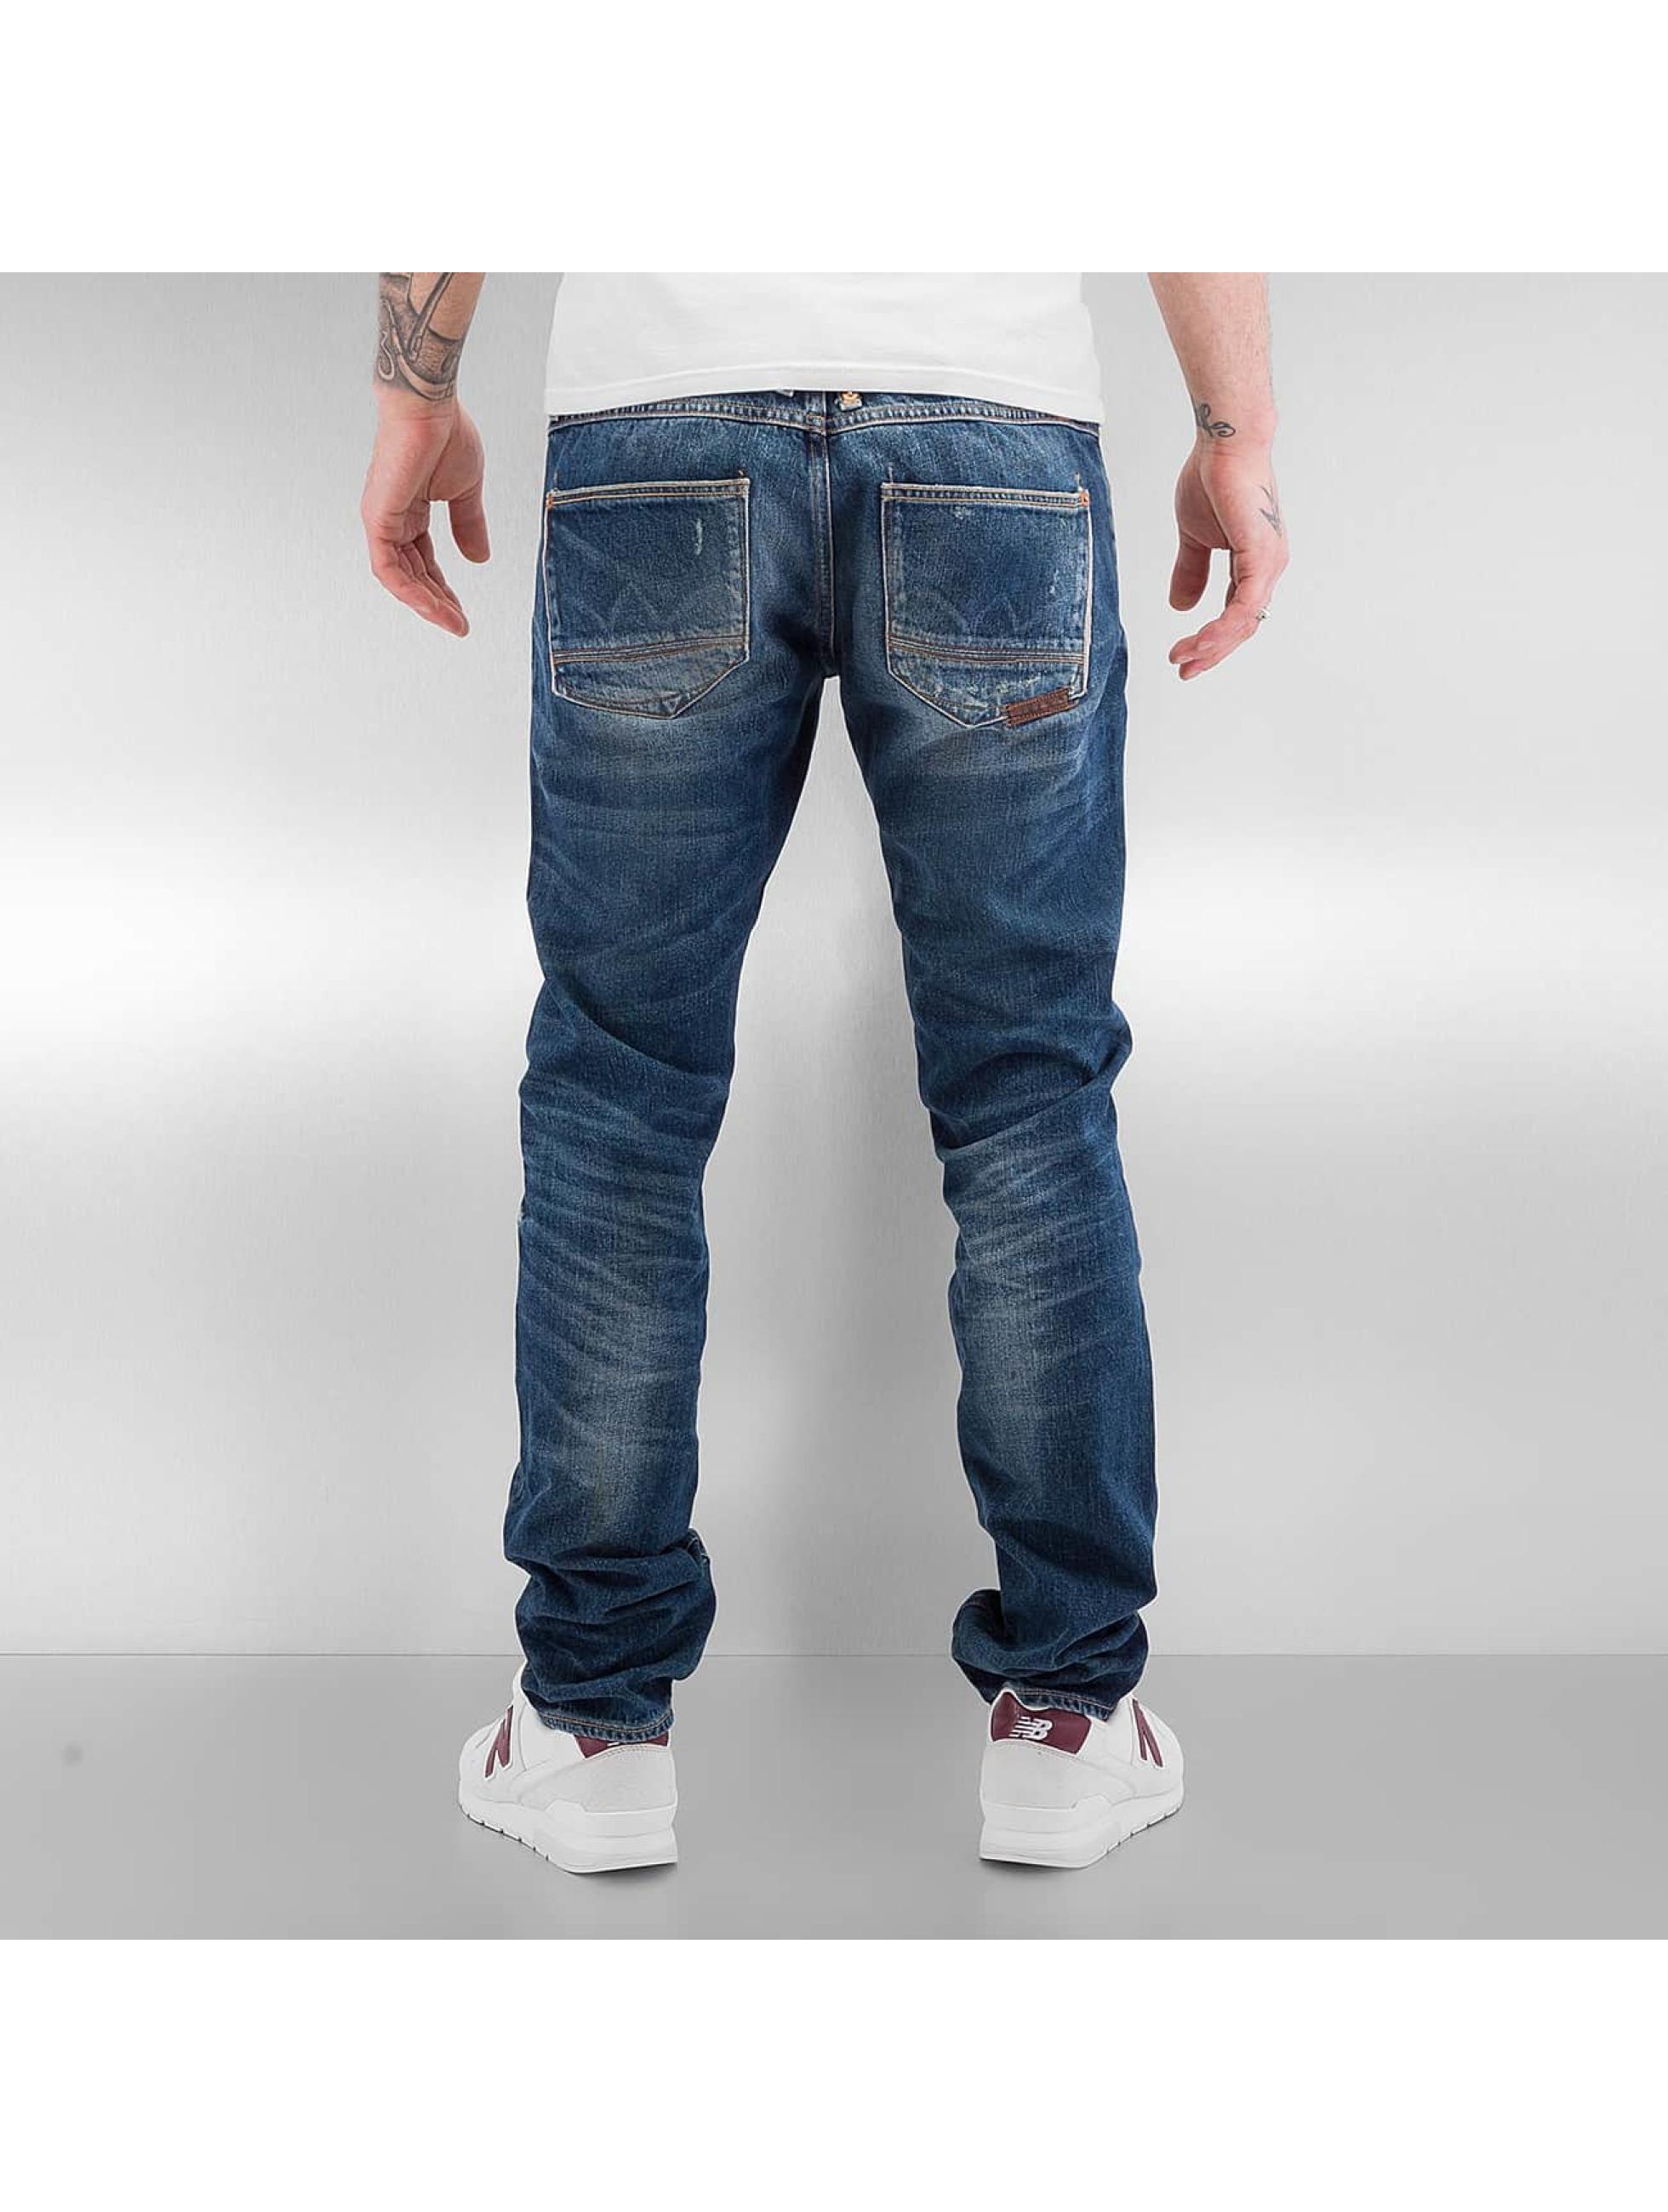 Le Temps Des Cerises Straight Fit Jeans 711 Daze blue